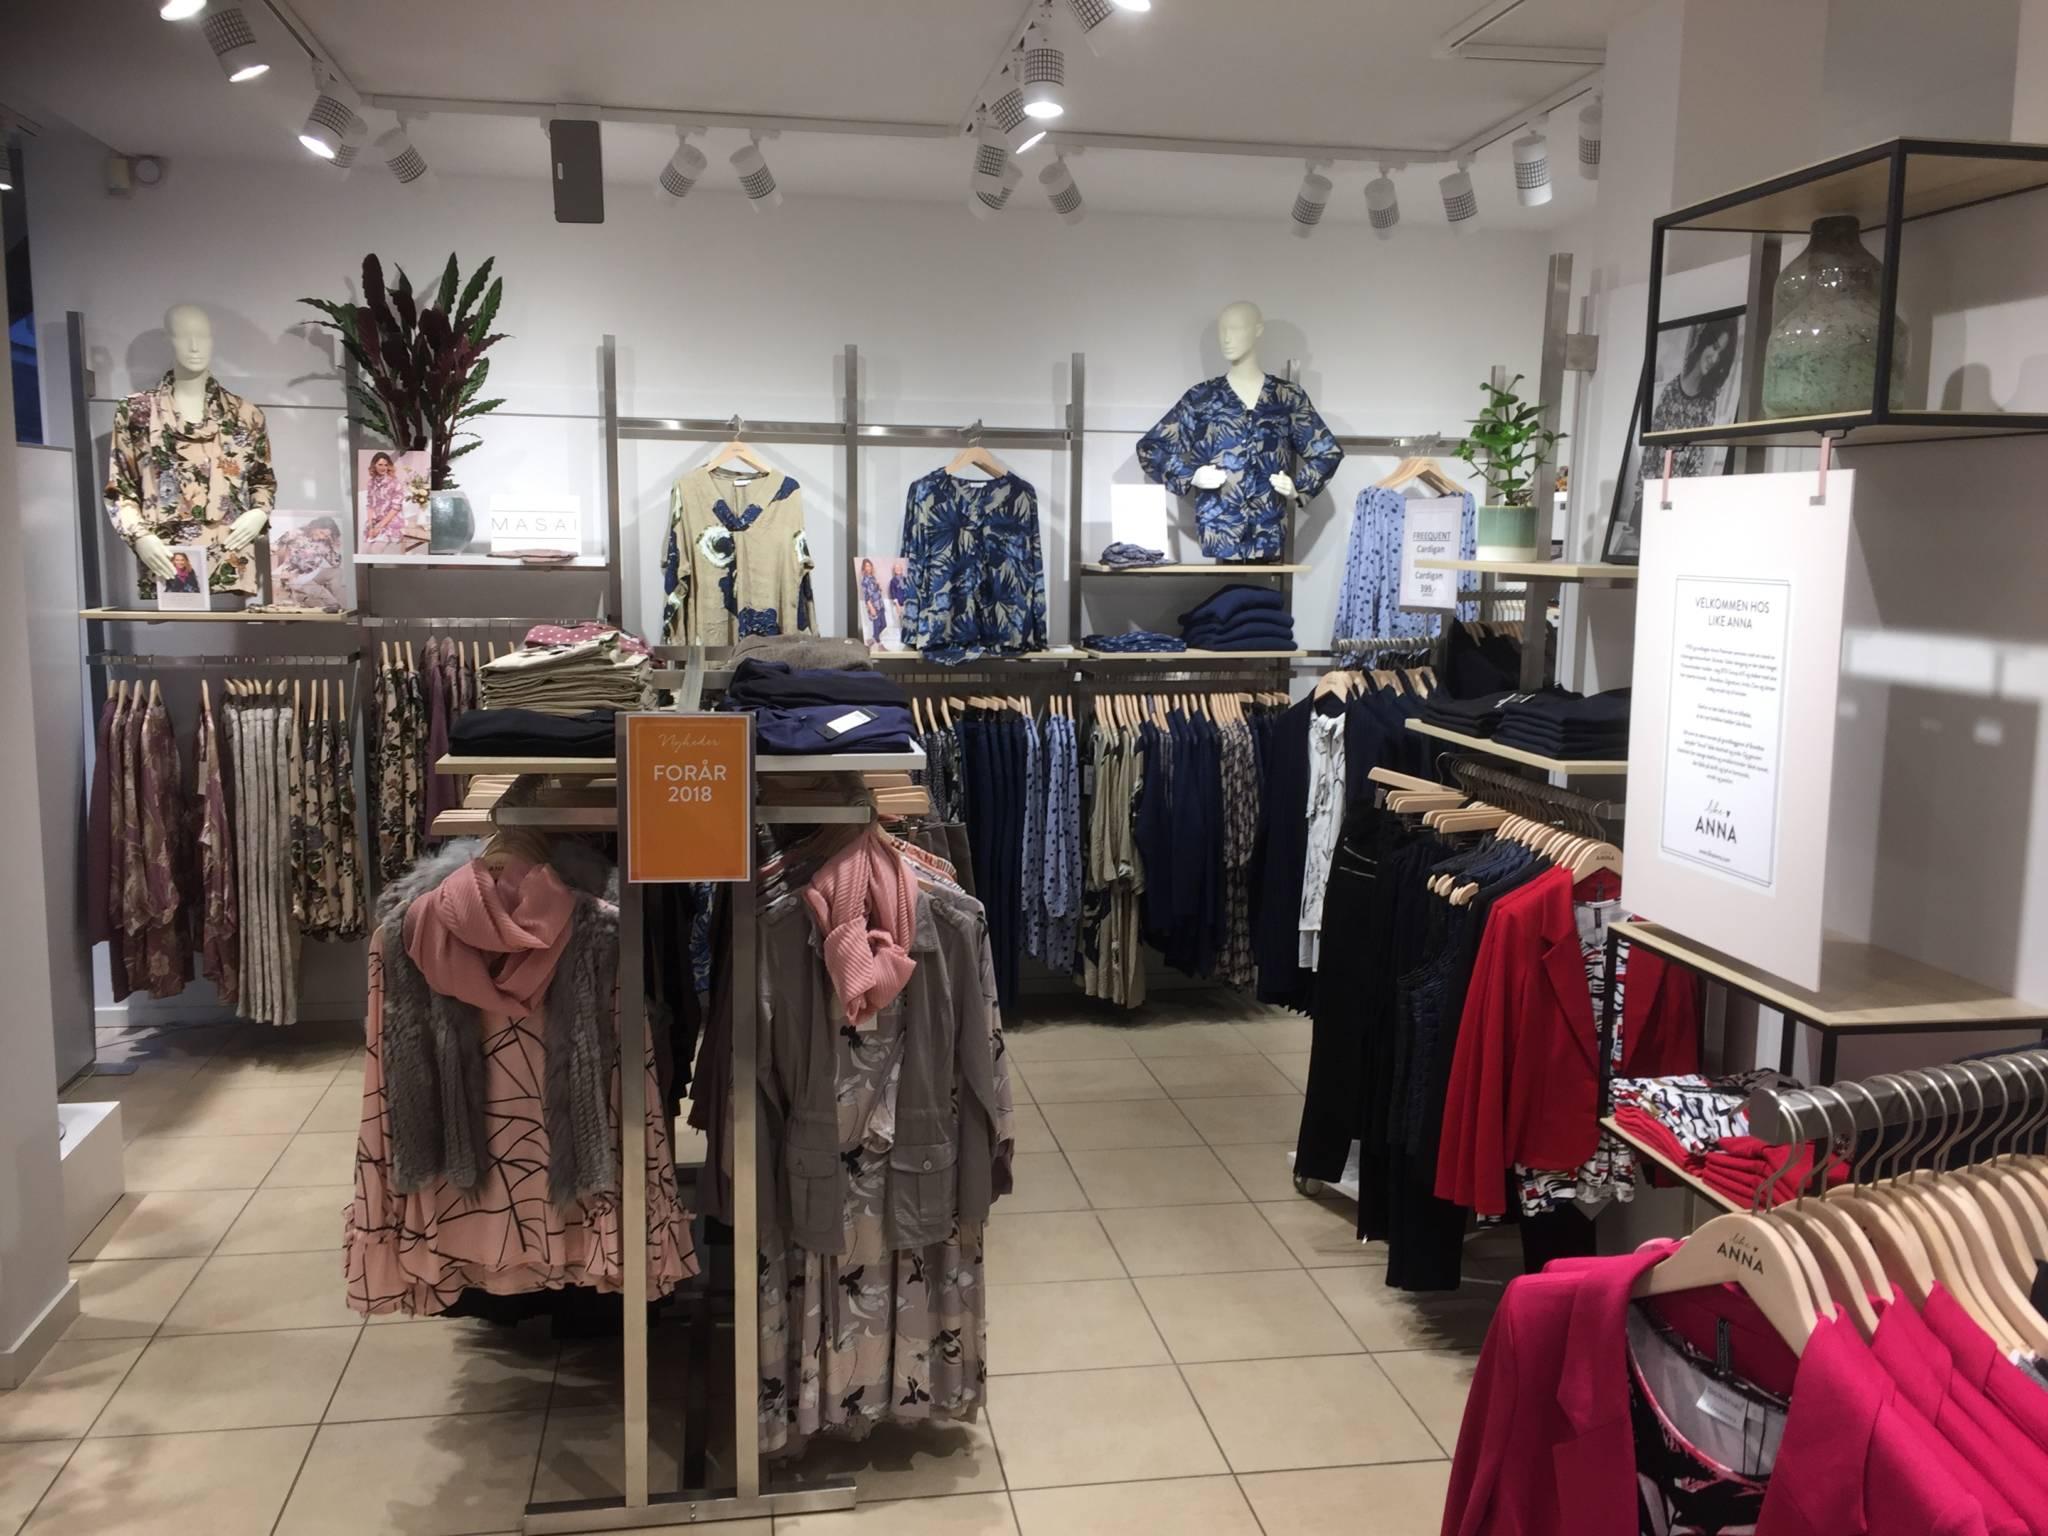 Flot indrettet modebutik med design mannequiner